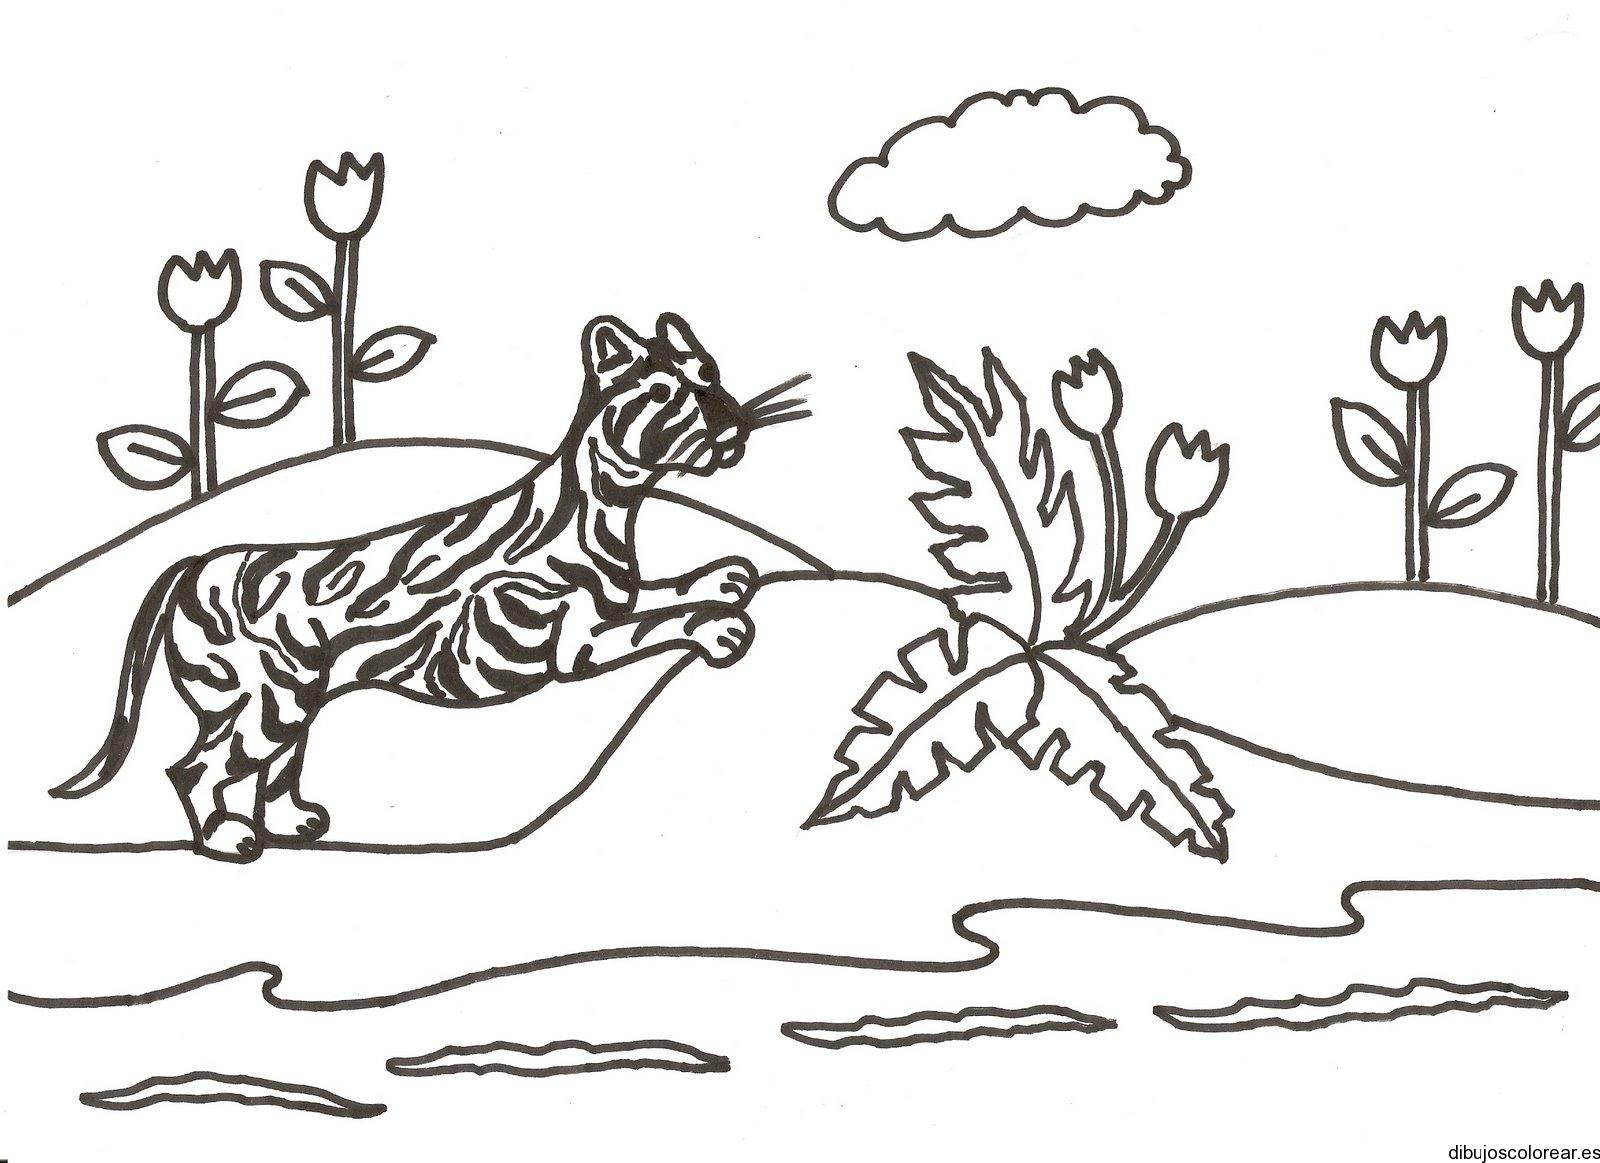 Dibujo De Un Tigre Corriendo